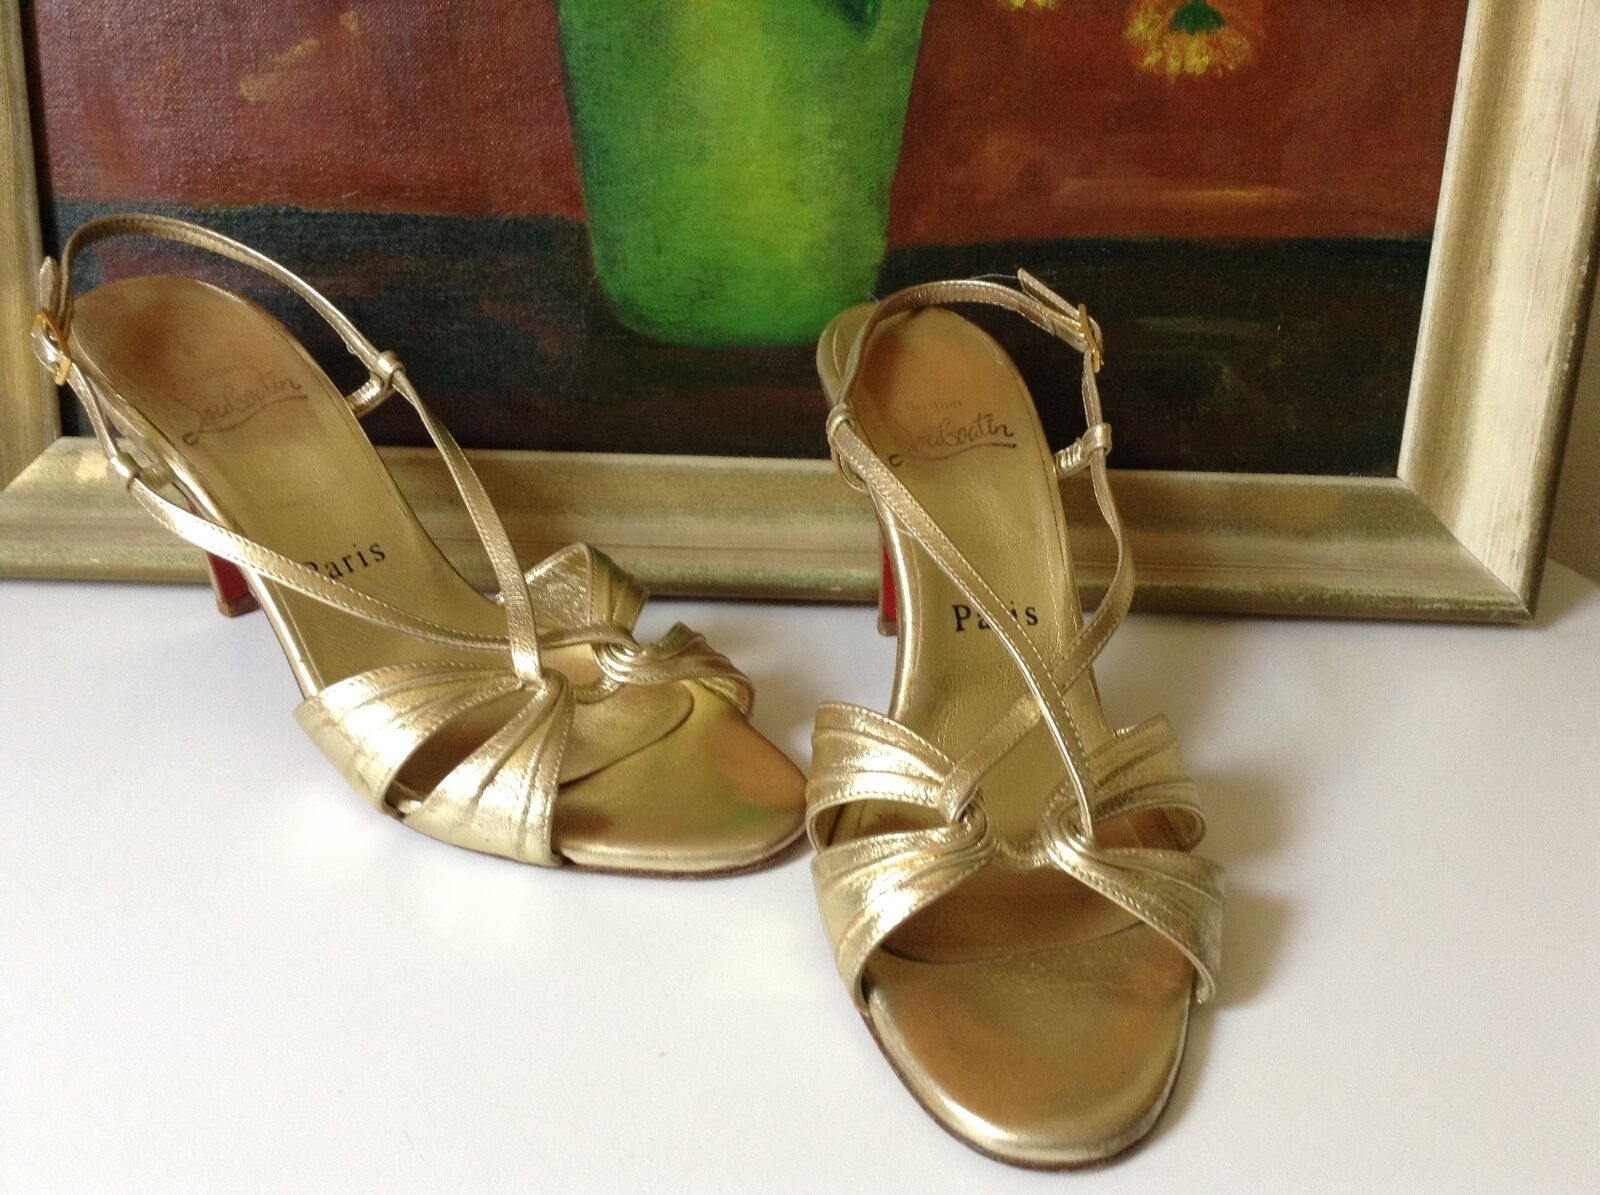 Veri sandali di pelle  Coloreee oro.-US 7  fino al 50% di sconto